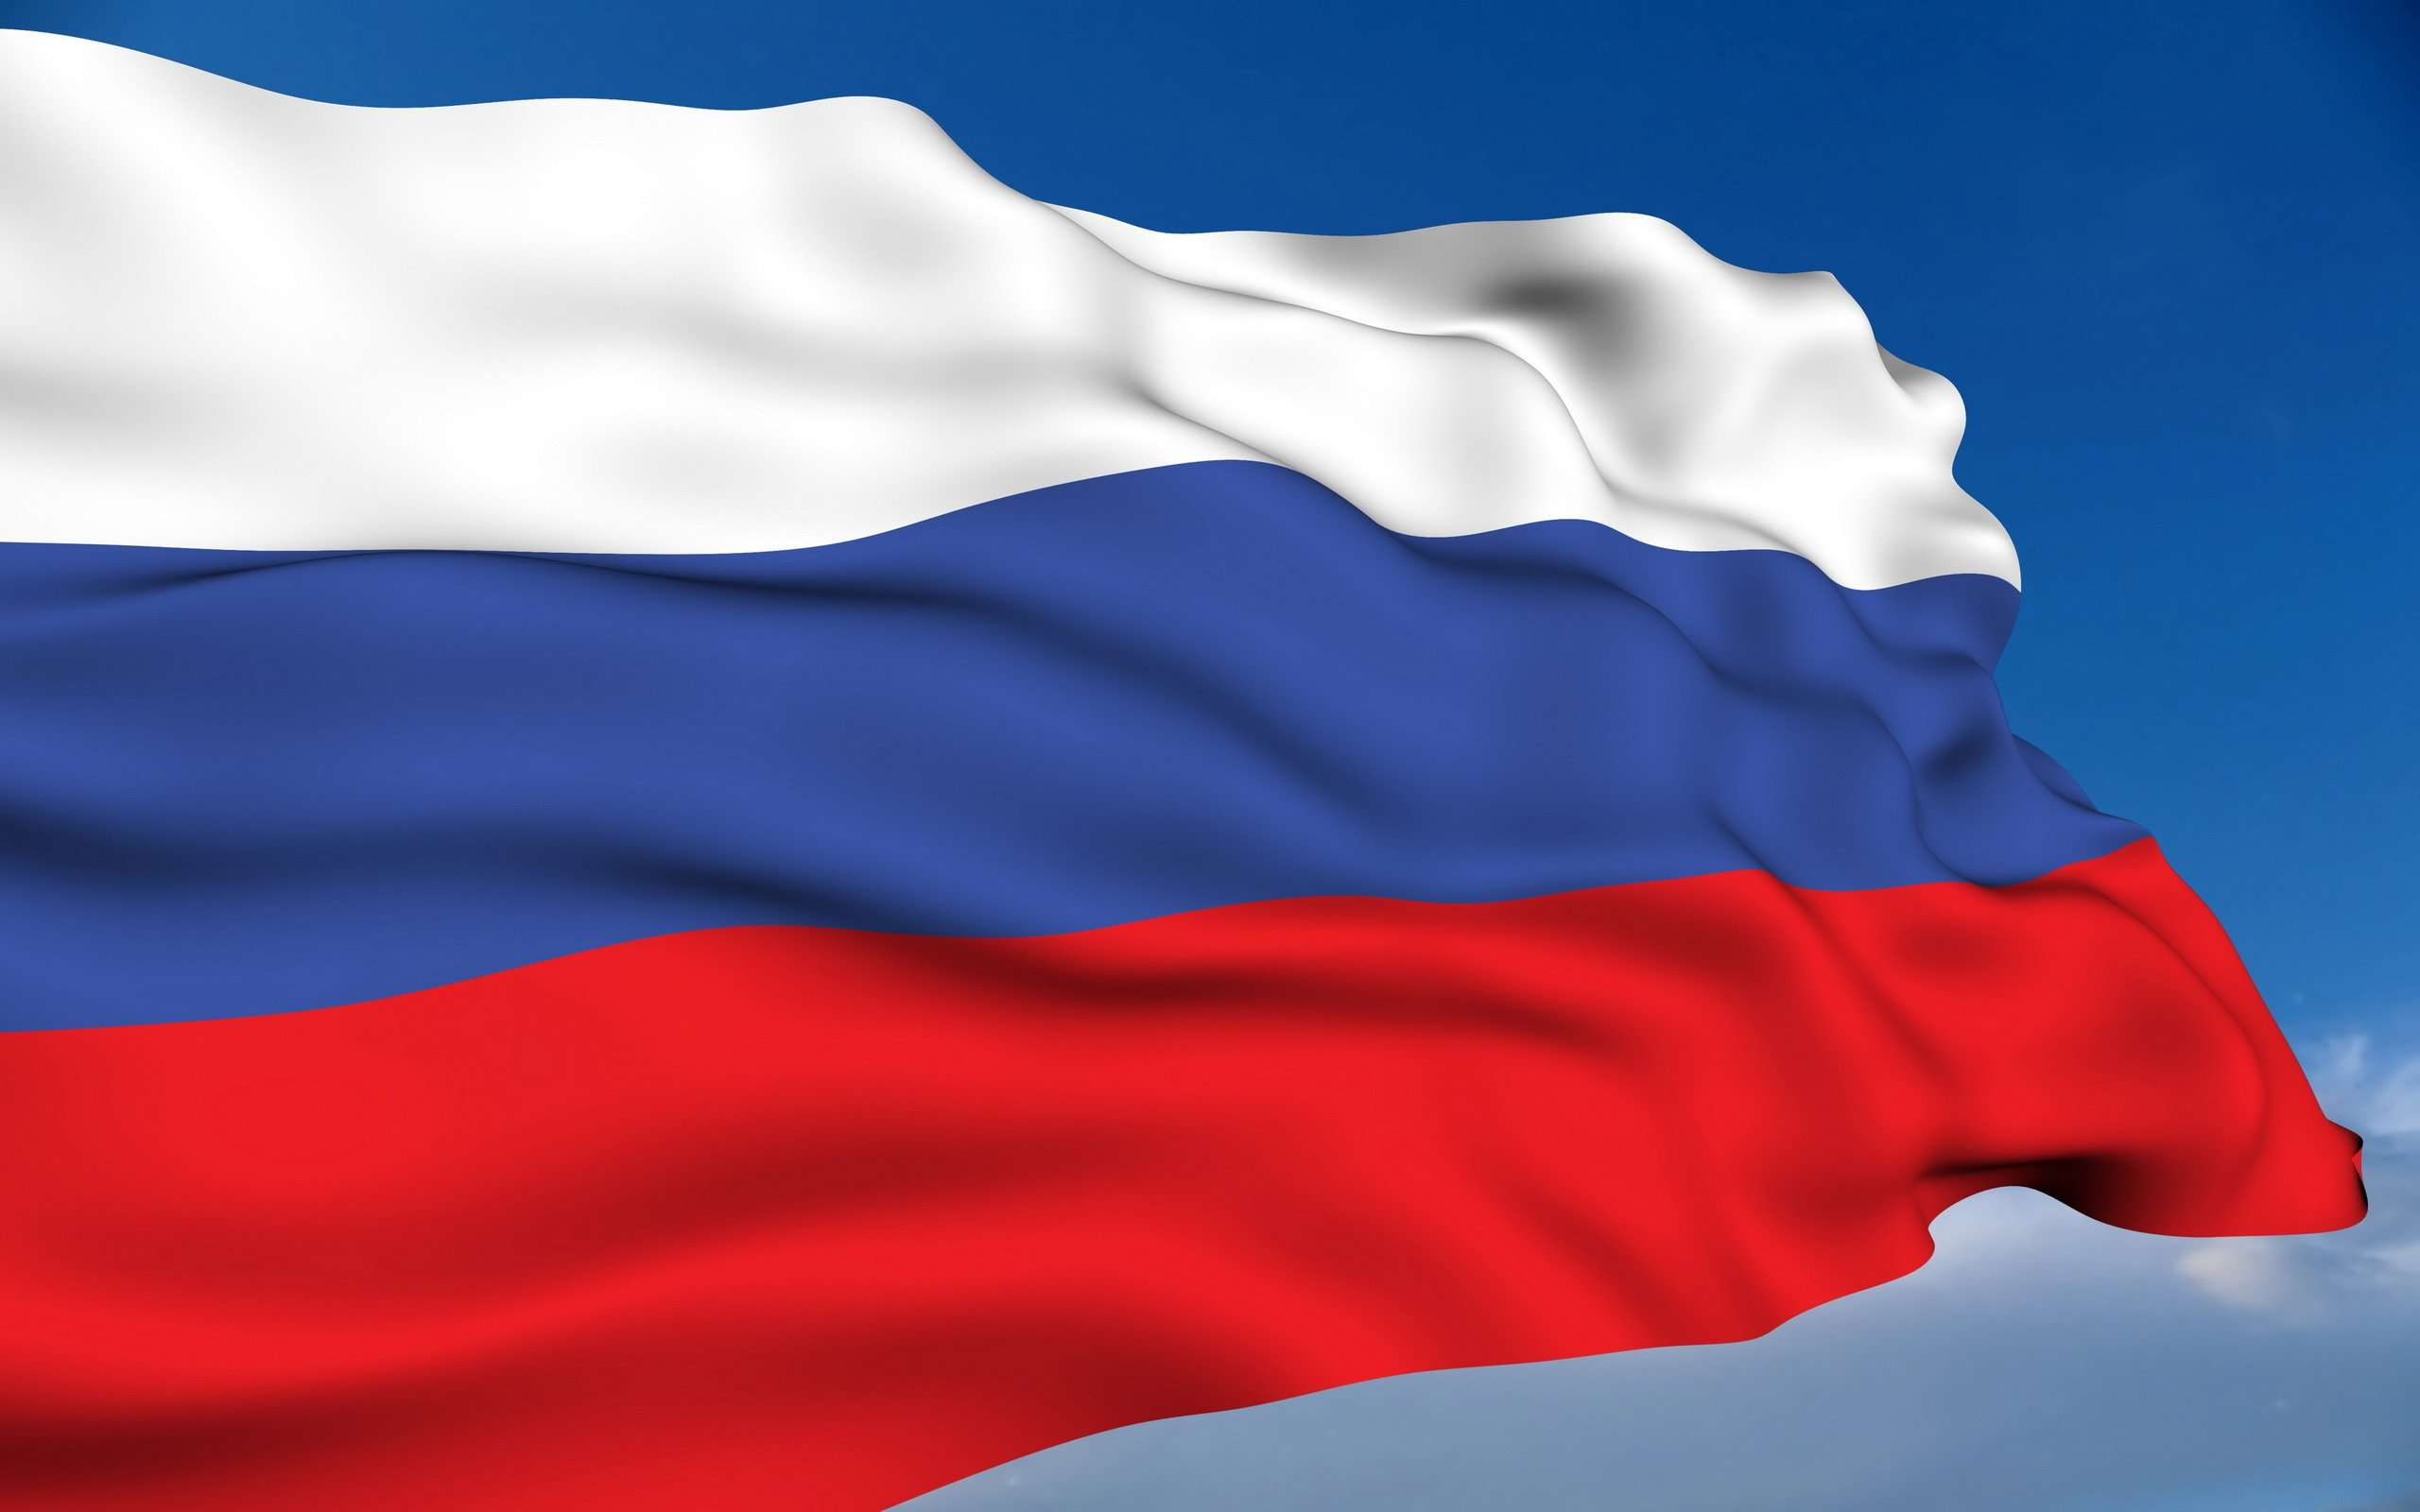 یکی از سگ های آبی رنگ روسی + تصویر